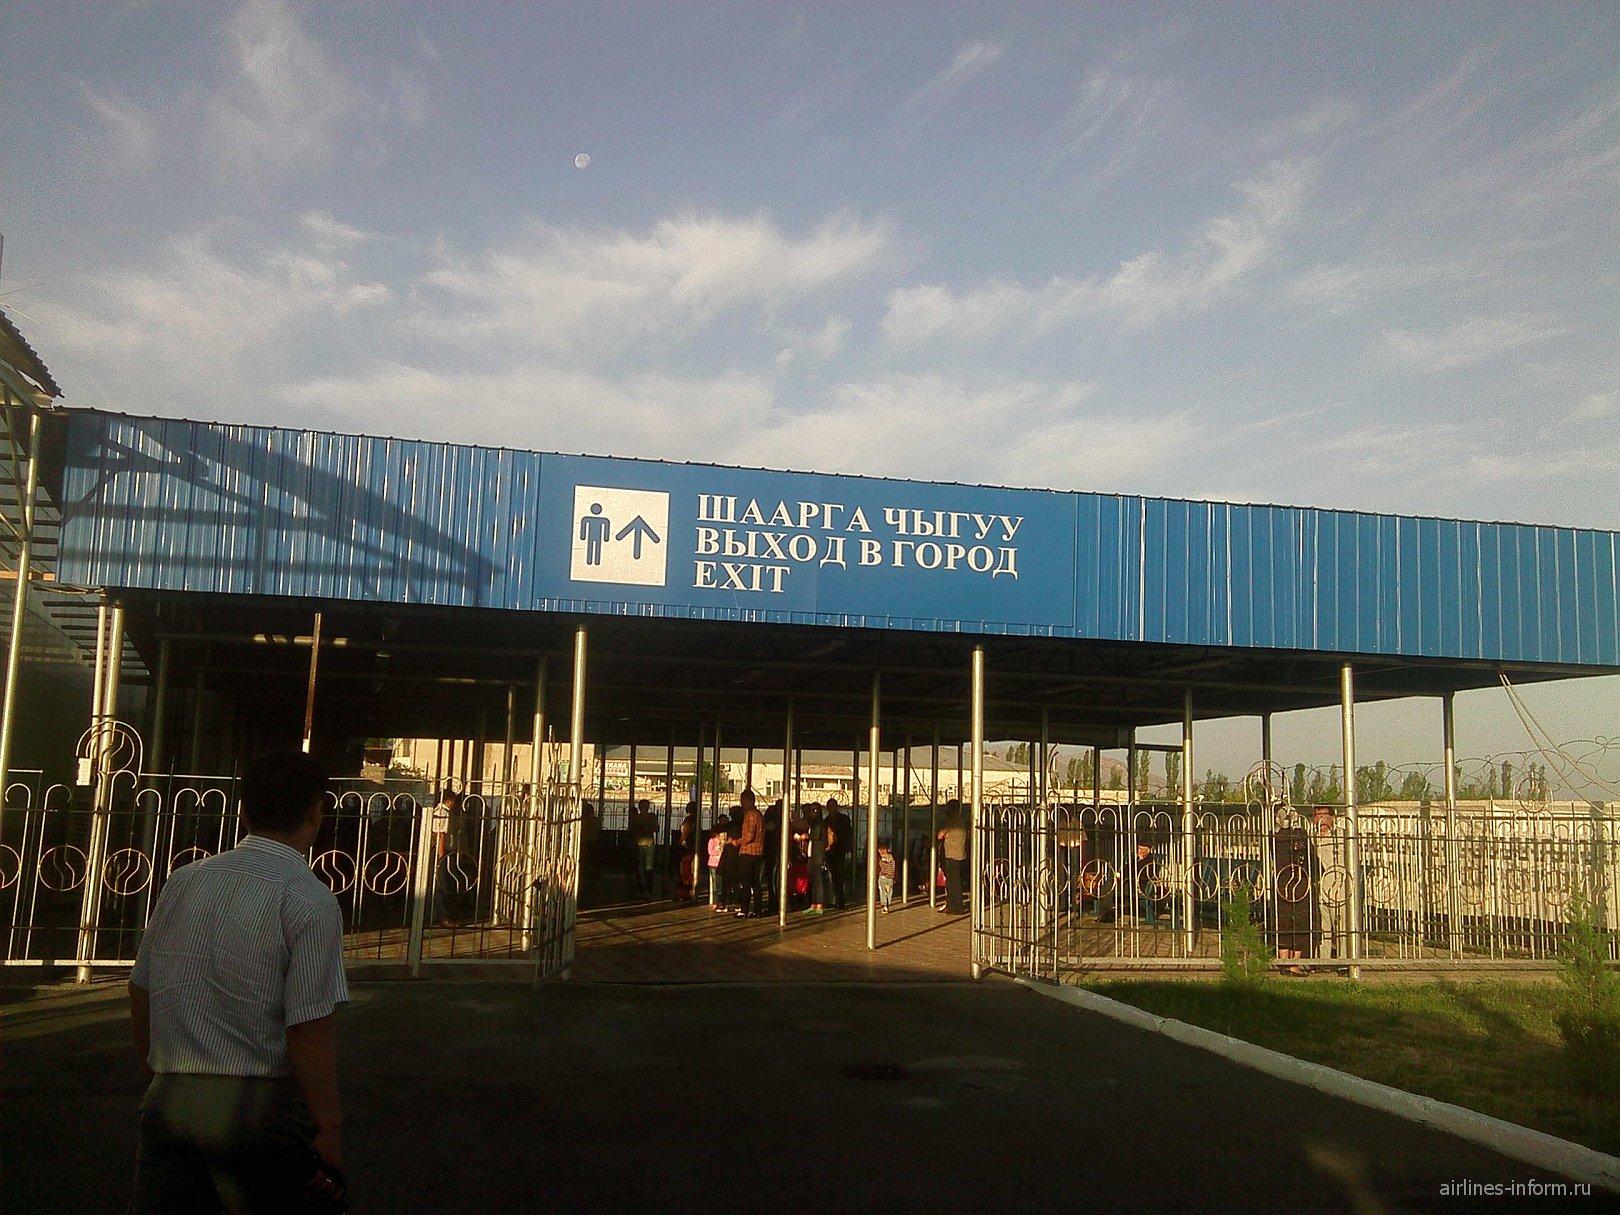 Зал прилёта аэропорта Ош